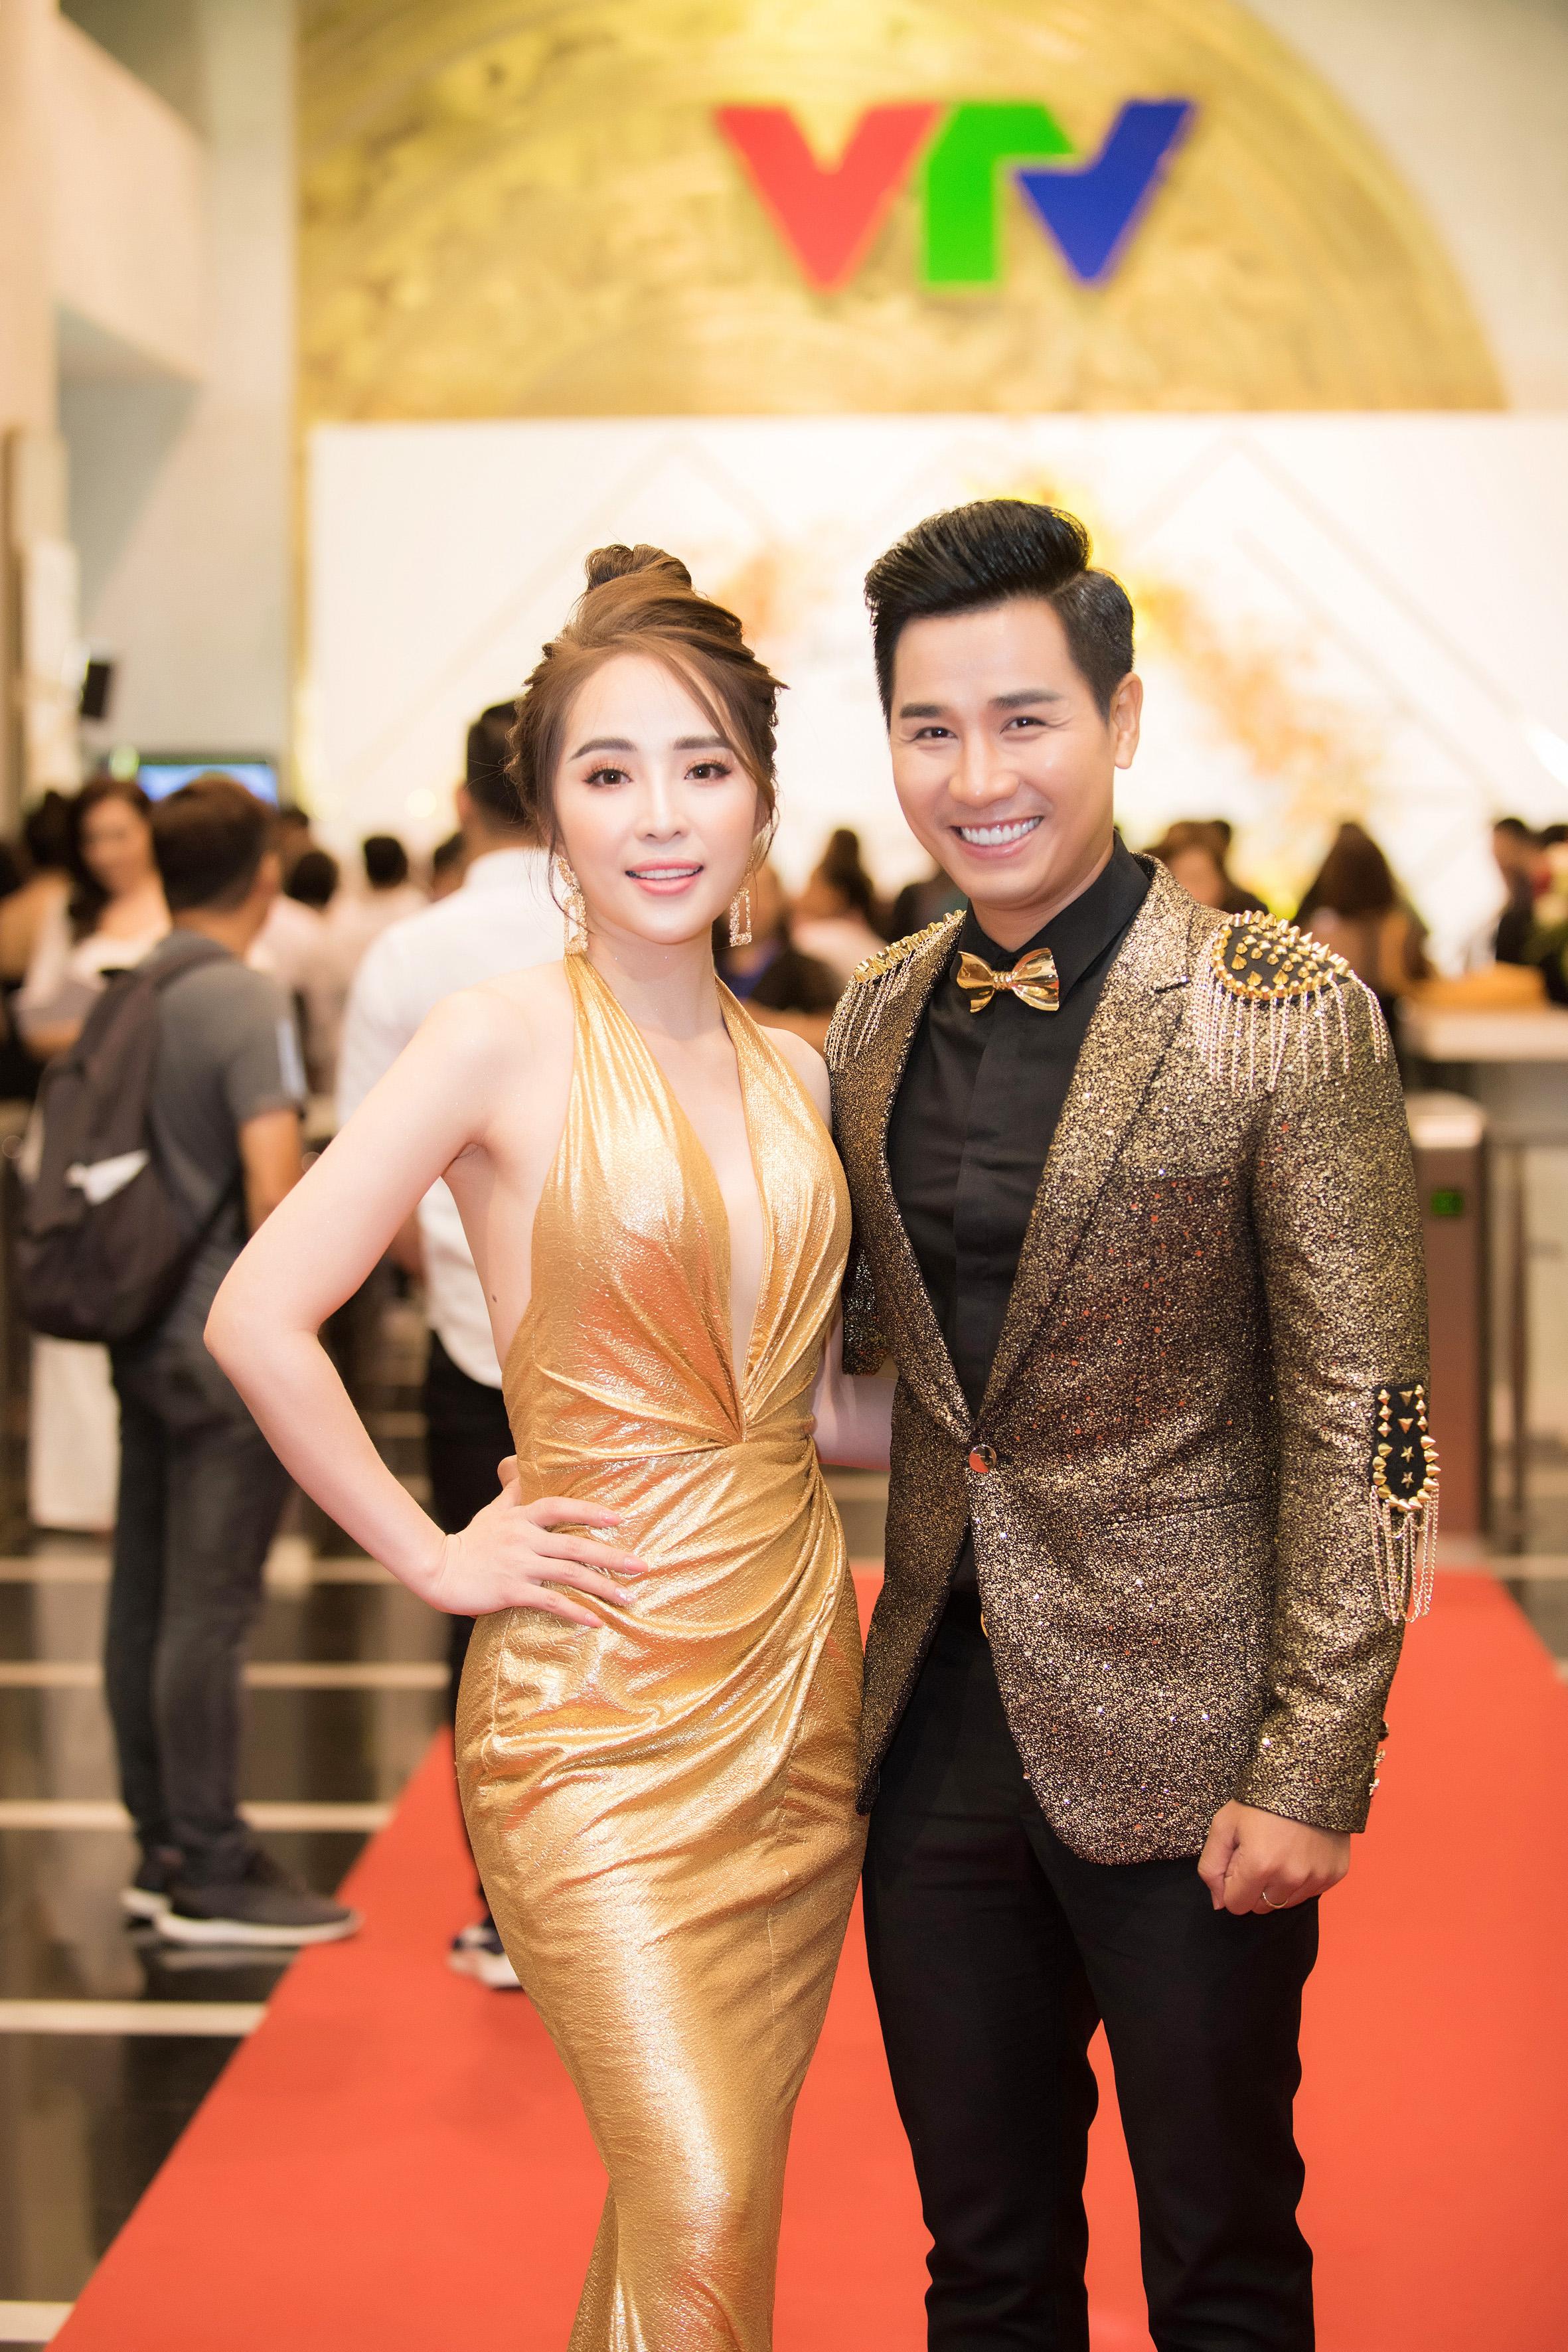 Quỳnh Nga khoe vẻ đẹp vạn người mê trên thảm đỏ VTV Award 7